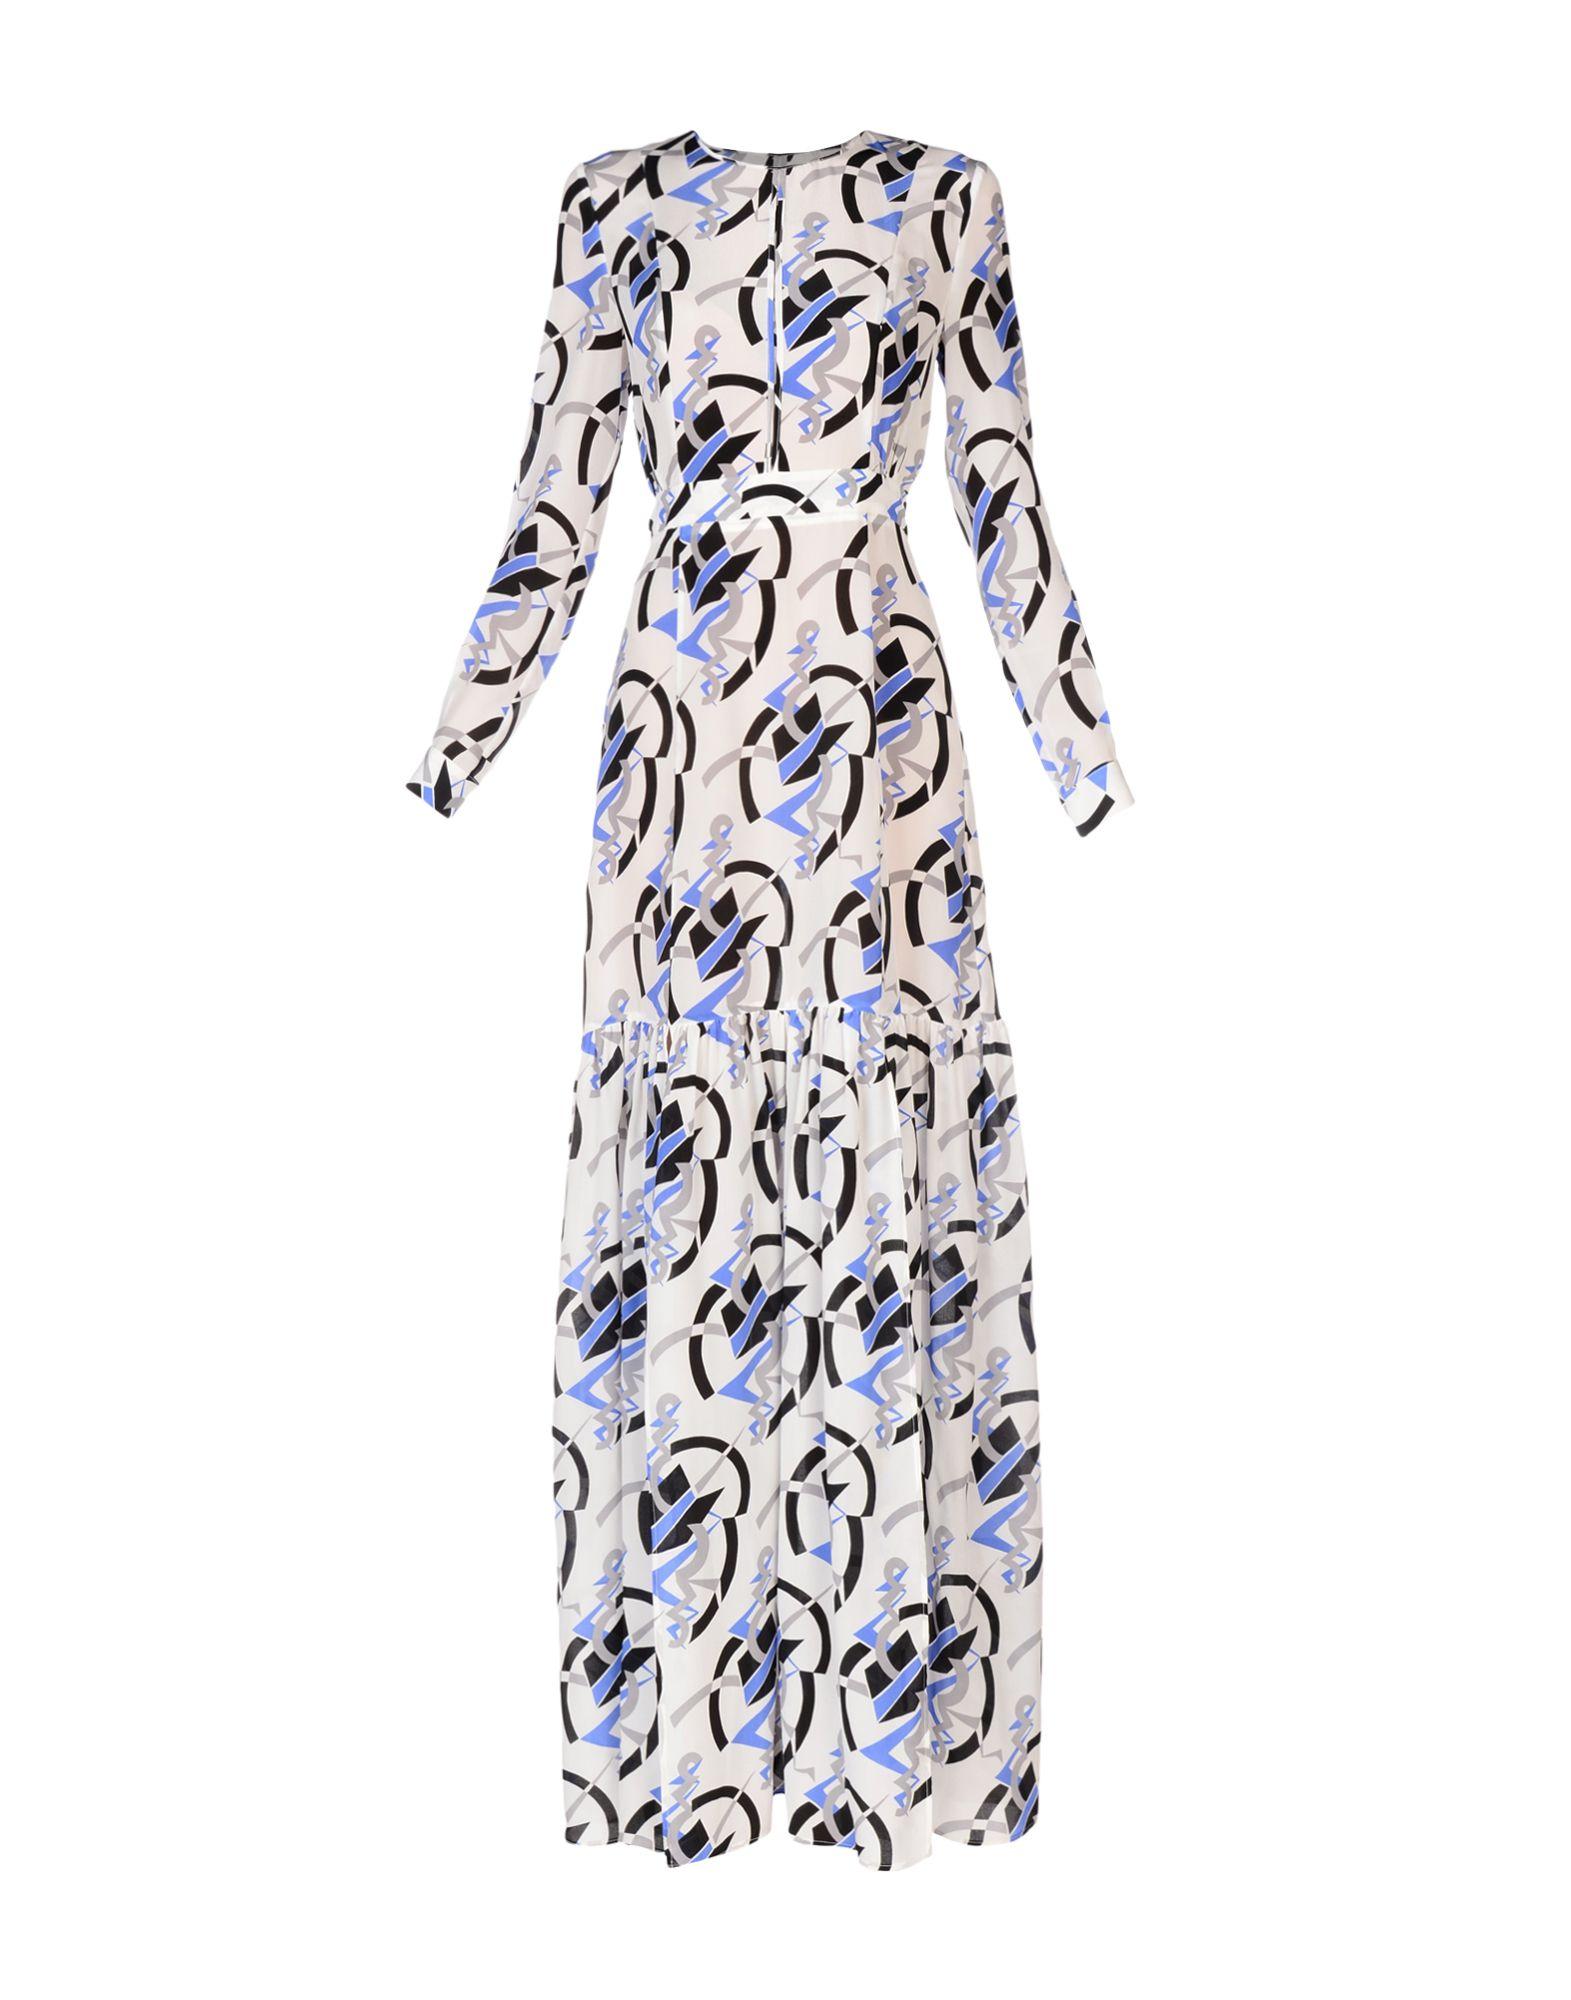 MSGM Длинное платье платье короткое спереди длинное сзади летнее